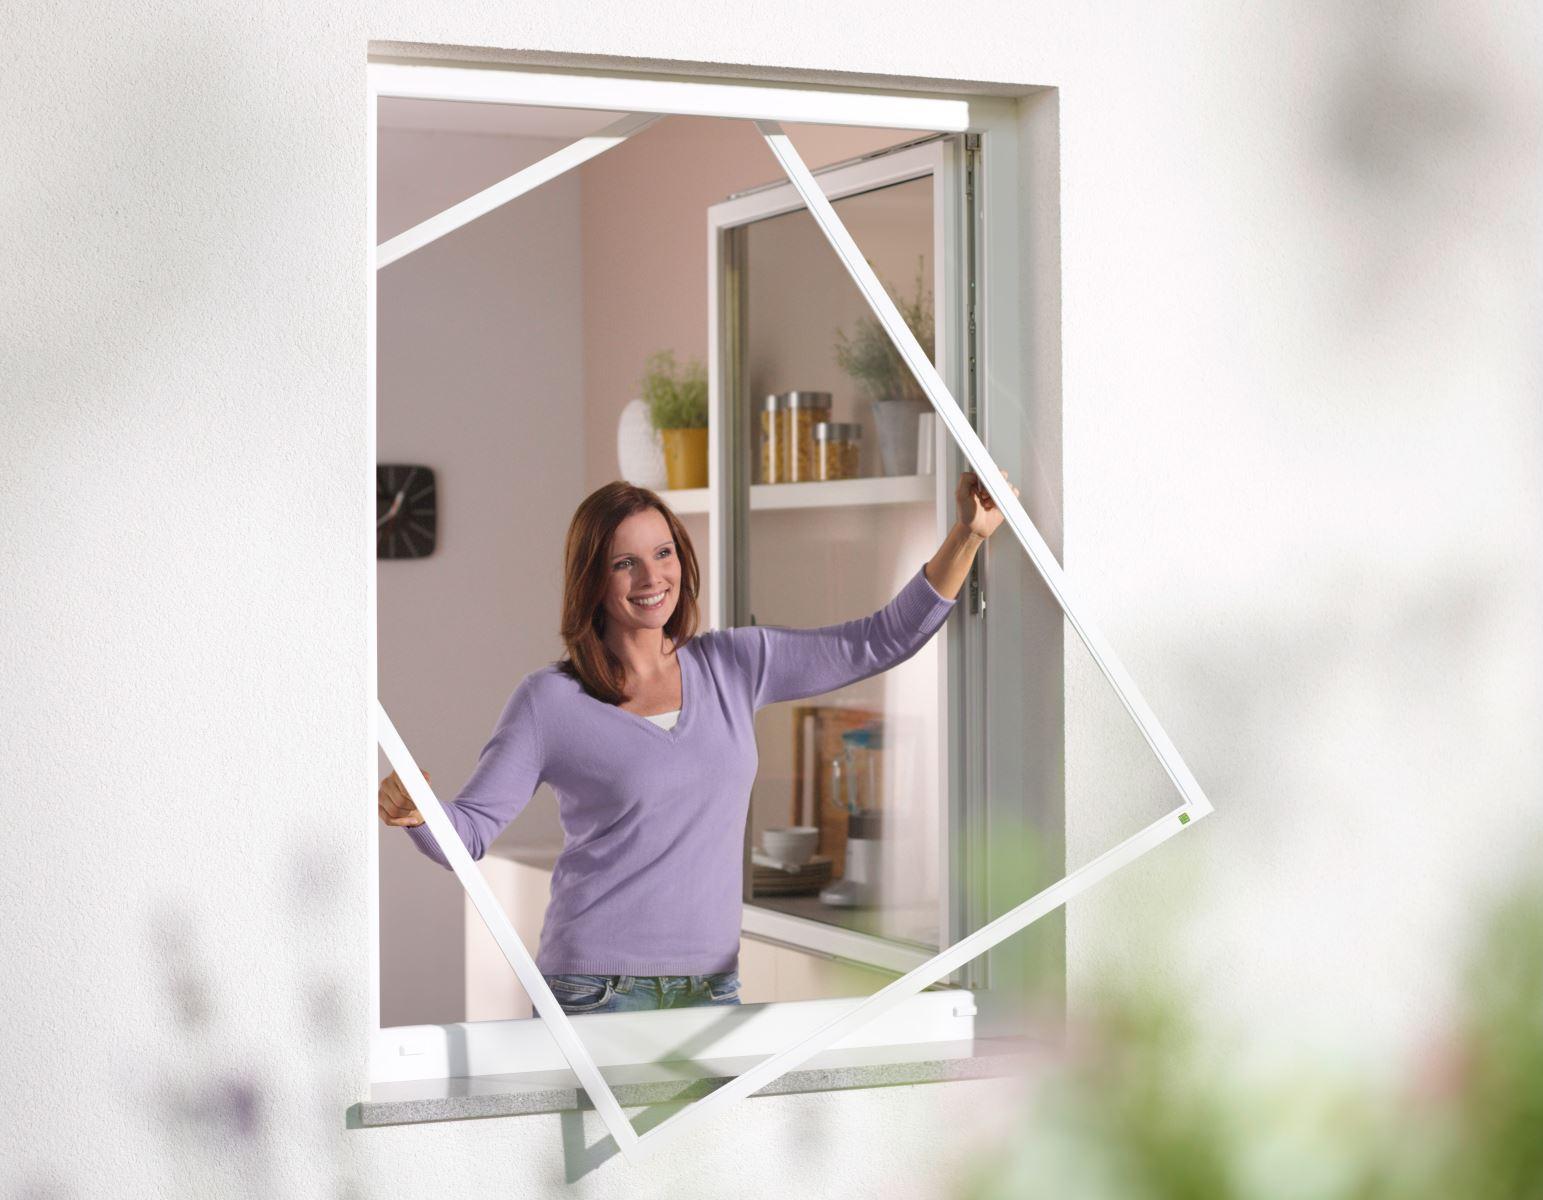 Fenster Scheibling - Insektenschutz - Spannrahmen